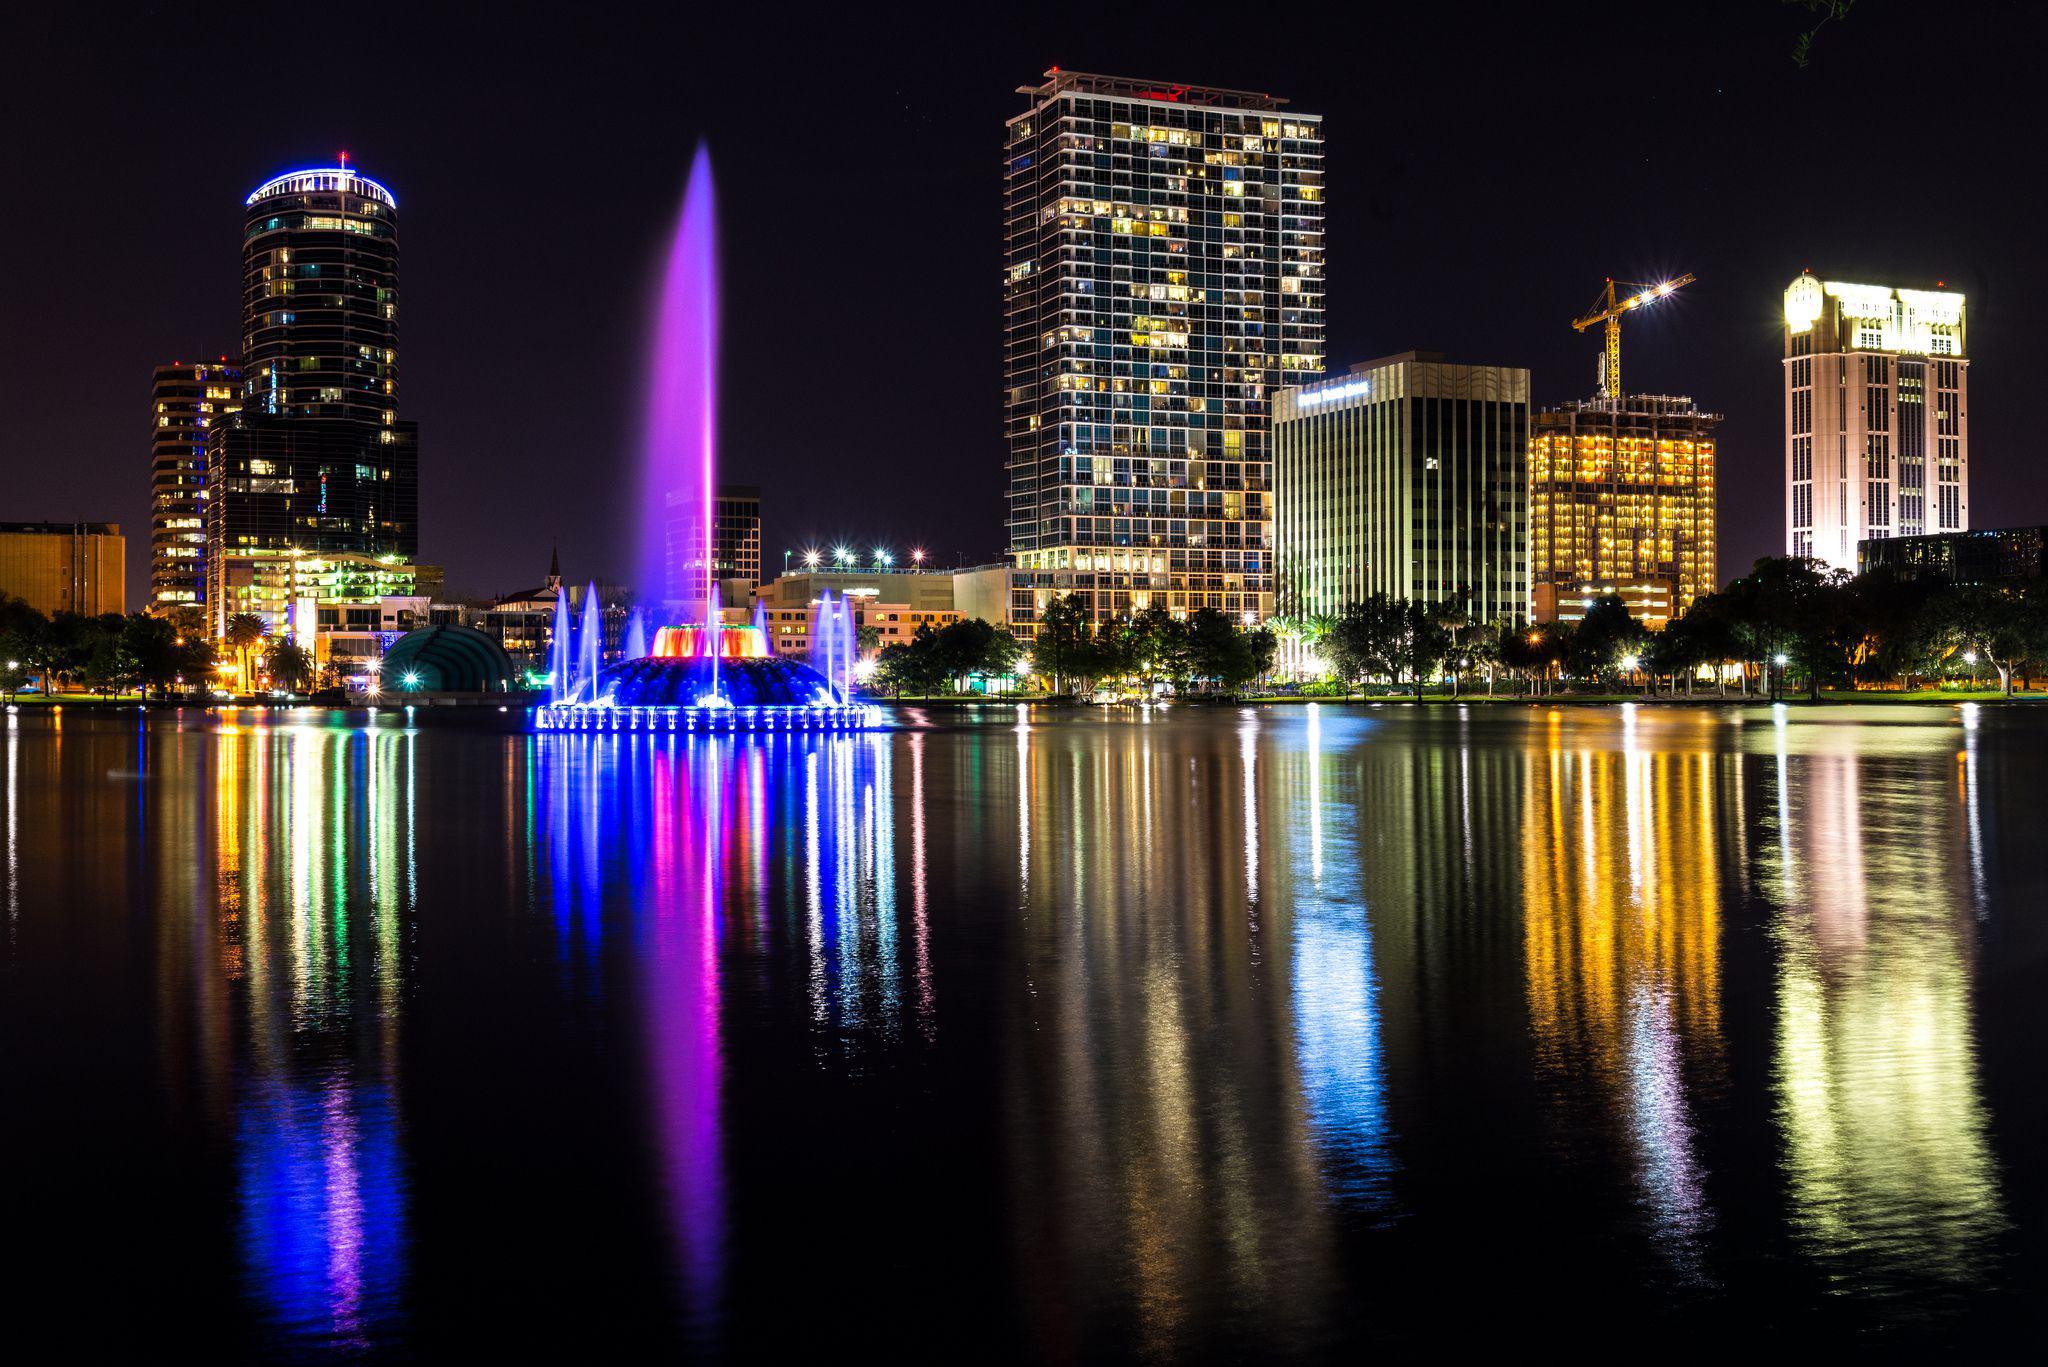 Orlando Wallpaper Reverse Search